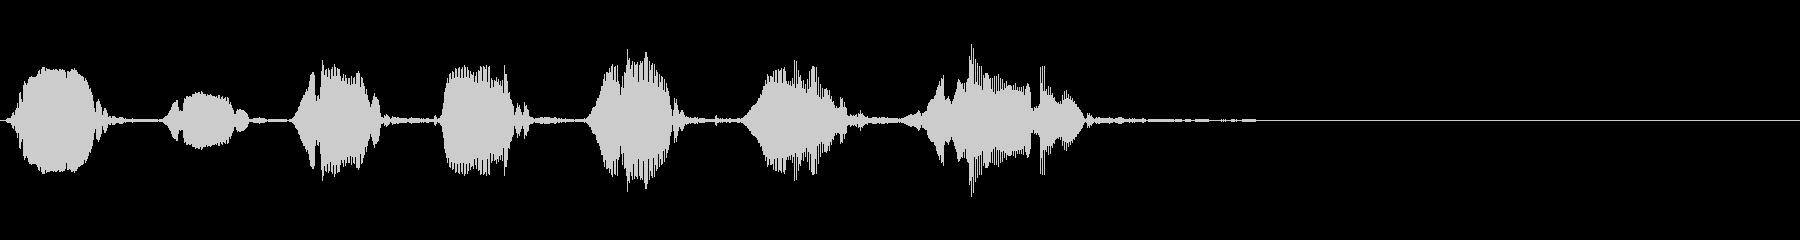 TUBA:笑いアクセント、漫画コメ...の未再生の波形